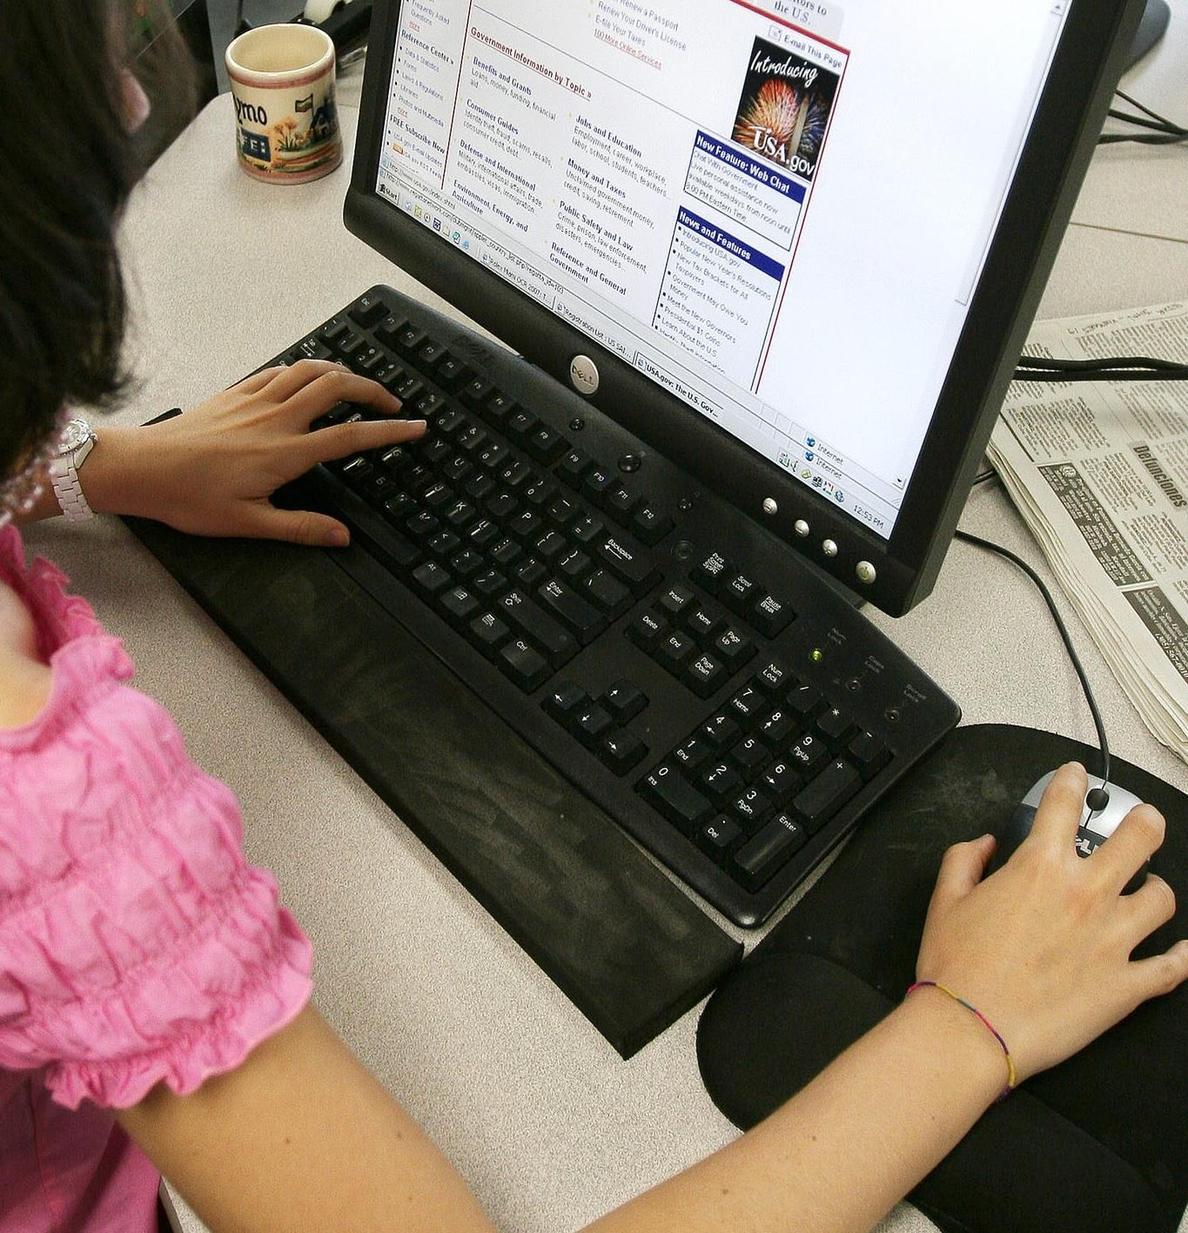 En verano las webs de citas aumentan su número de usuarios